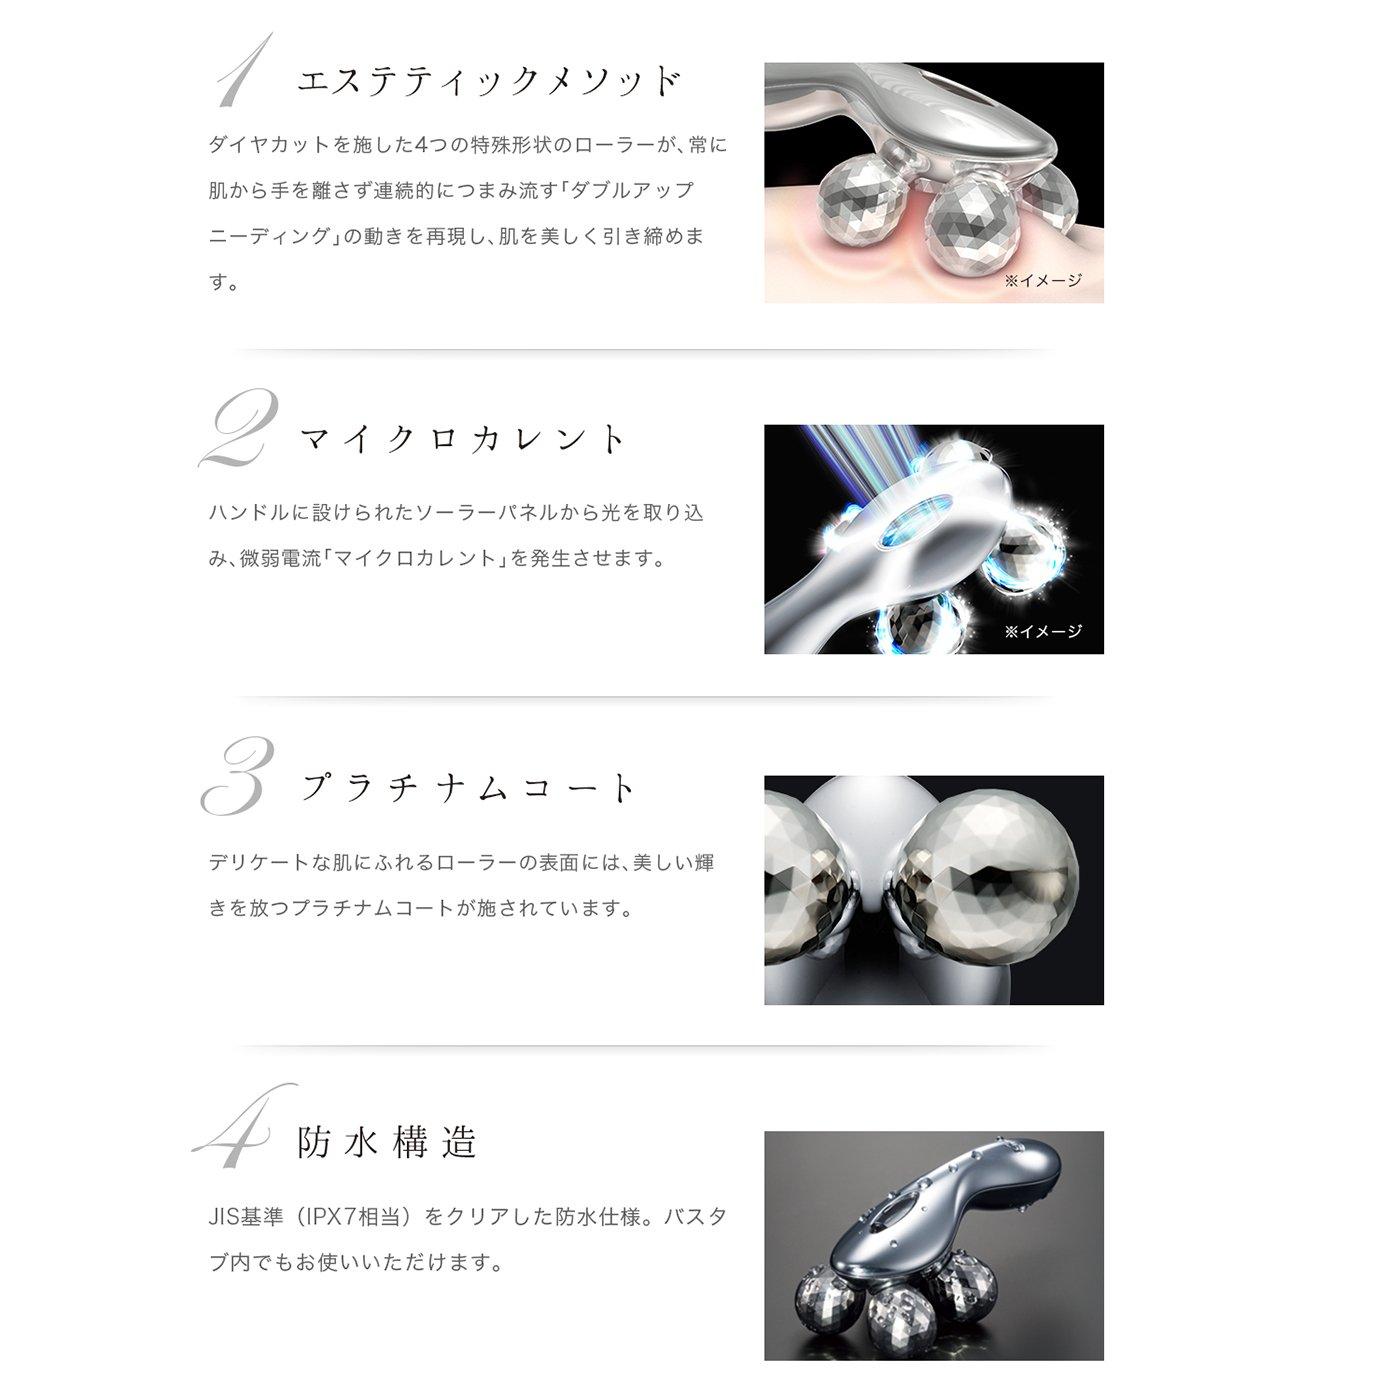 MTG Platinum Electronic roller ReFa 4 CARAT New models by MTG (Image #4)